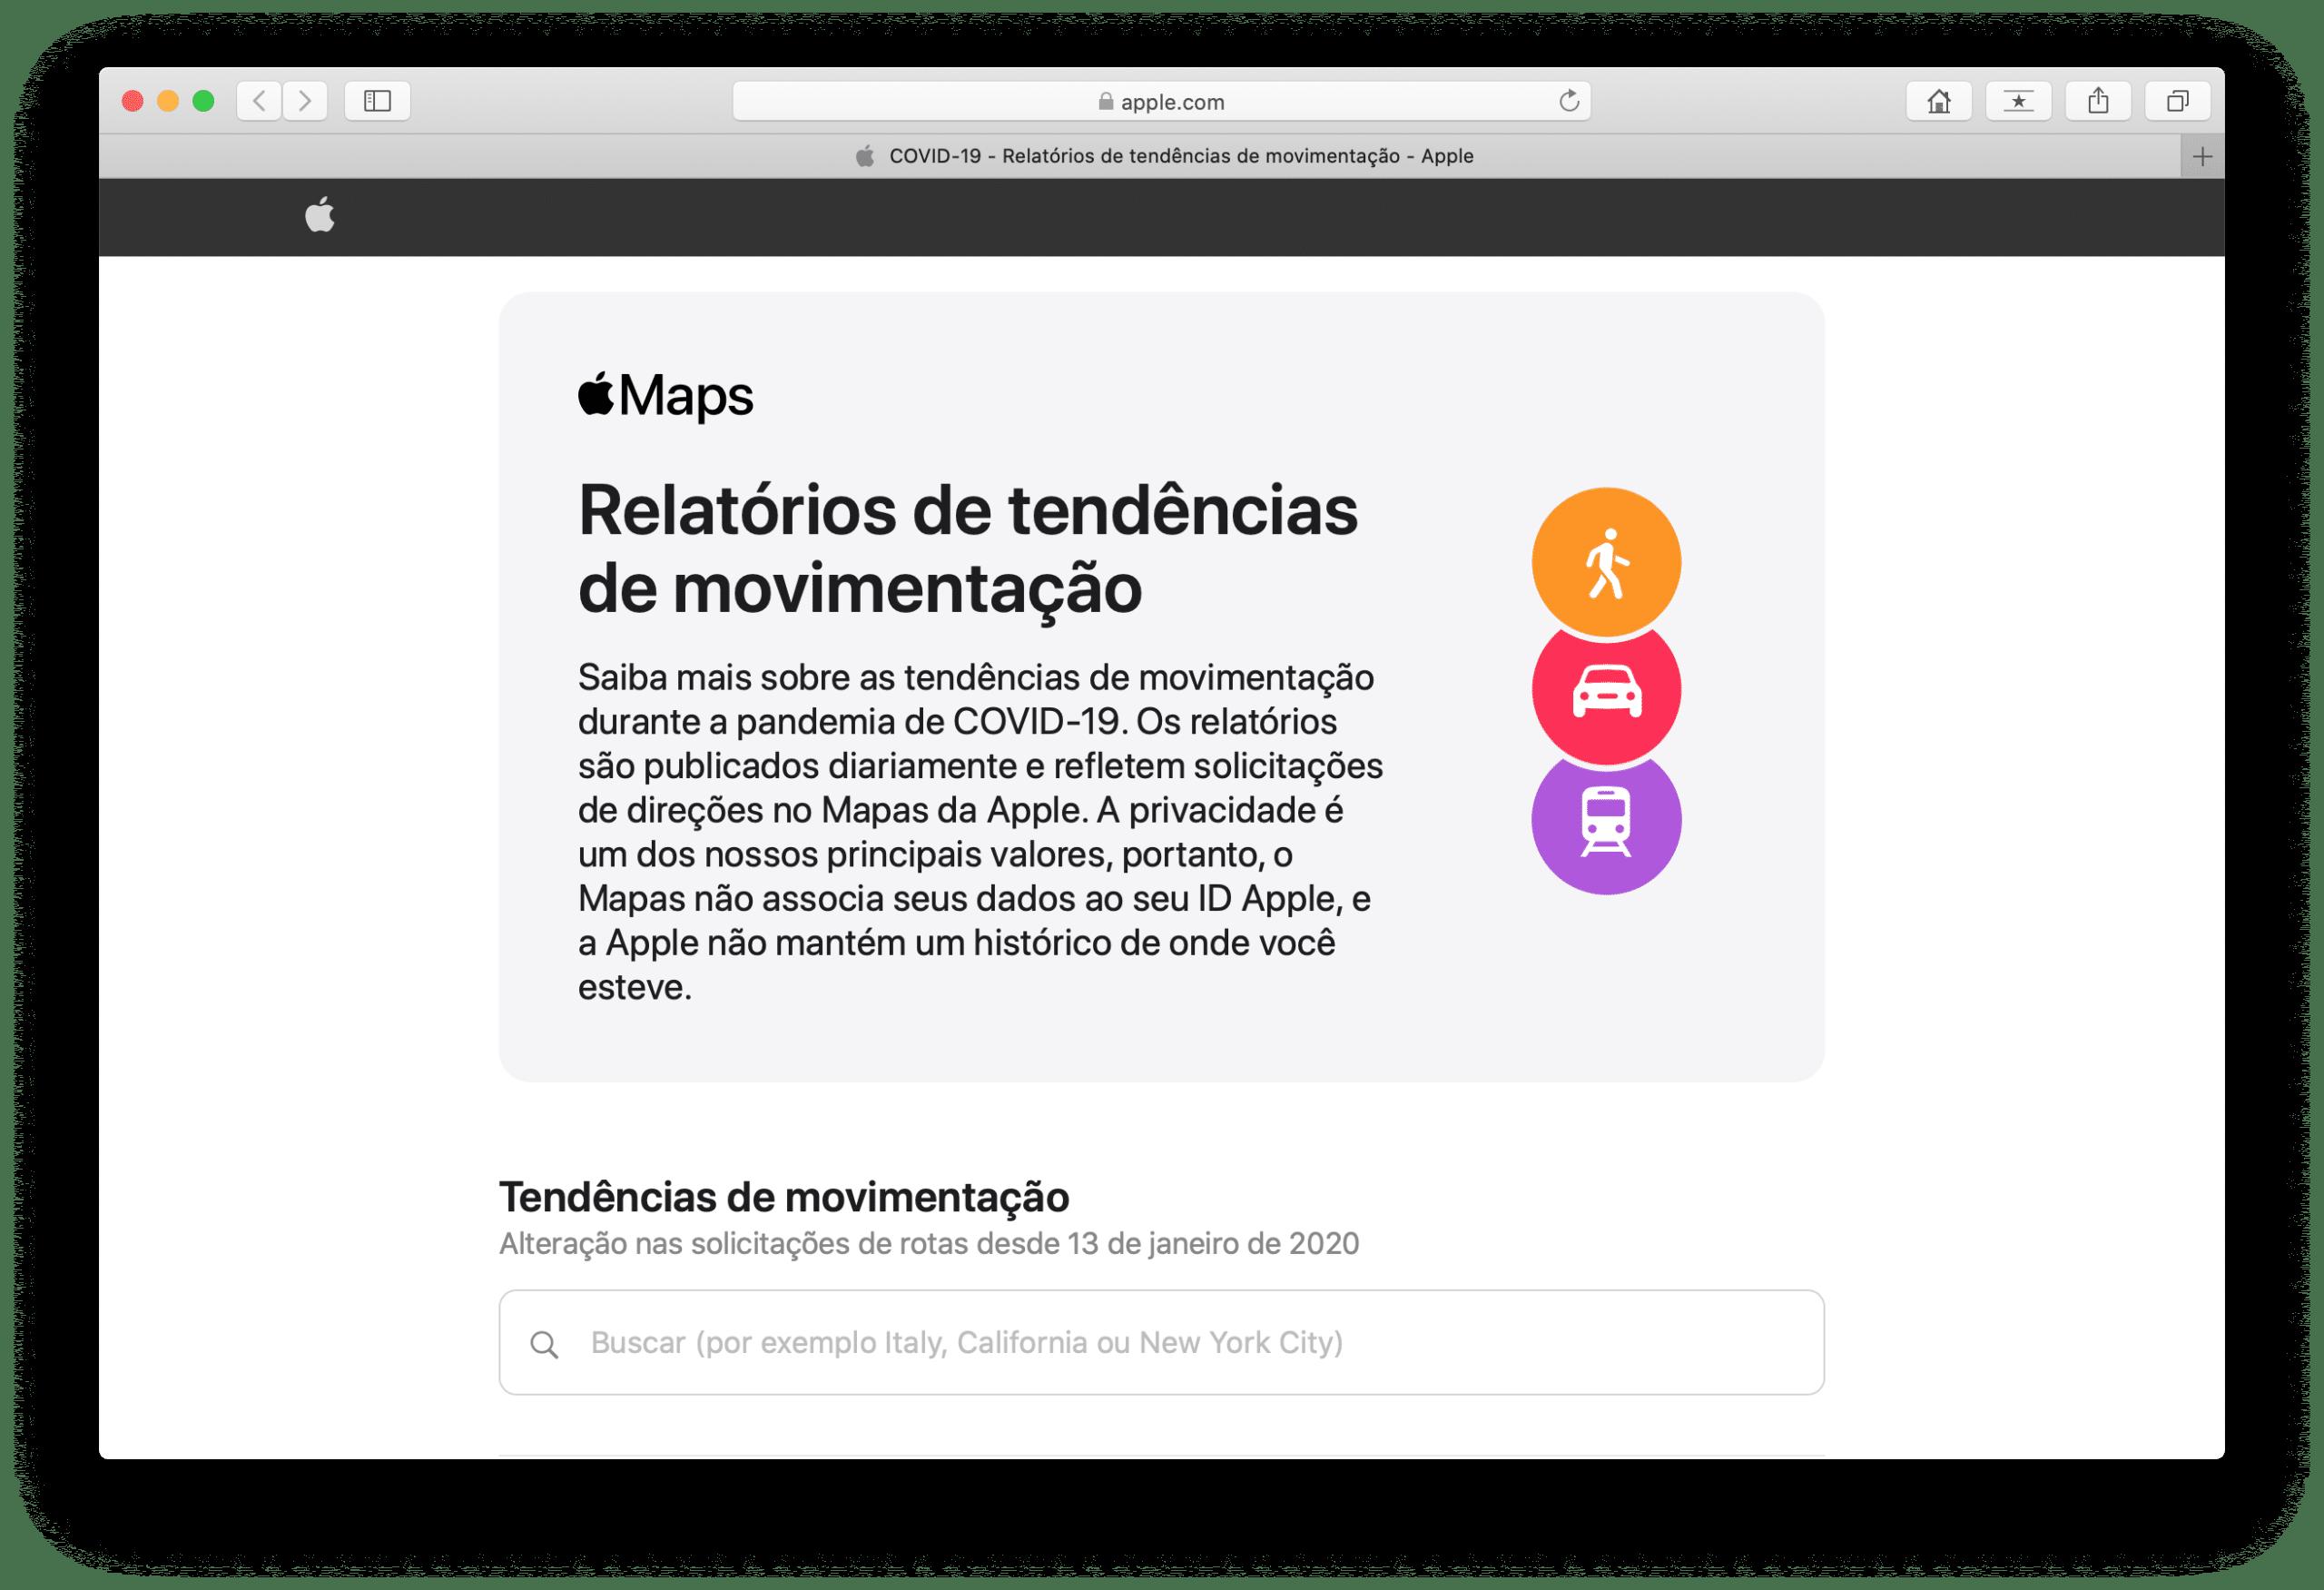 Relatórios de tendências de movimentação da Apple